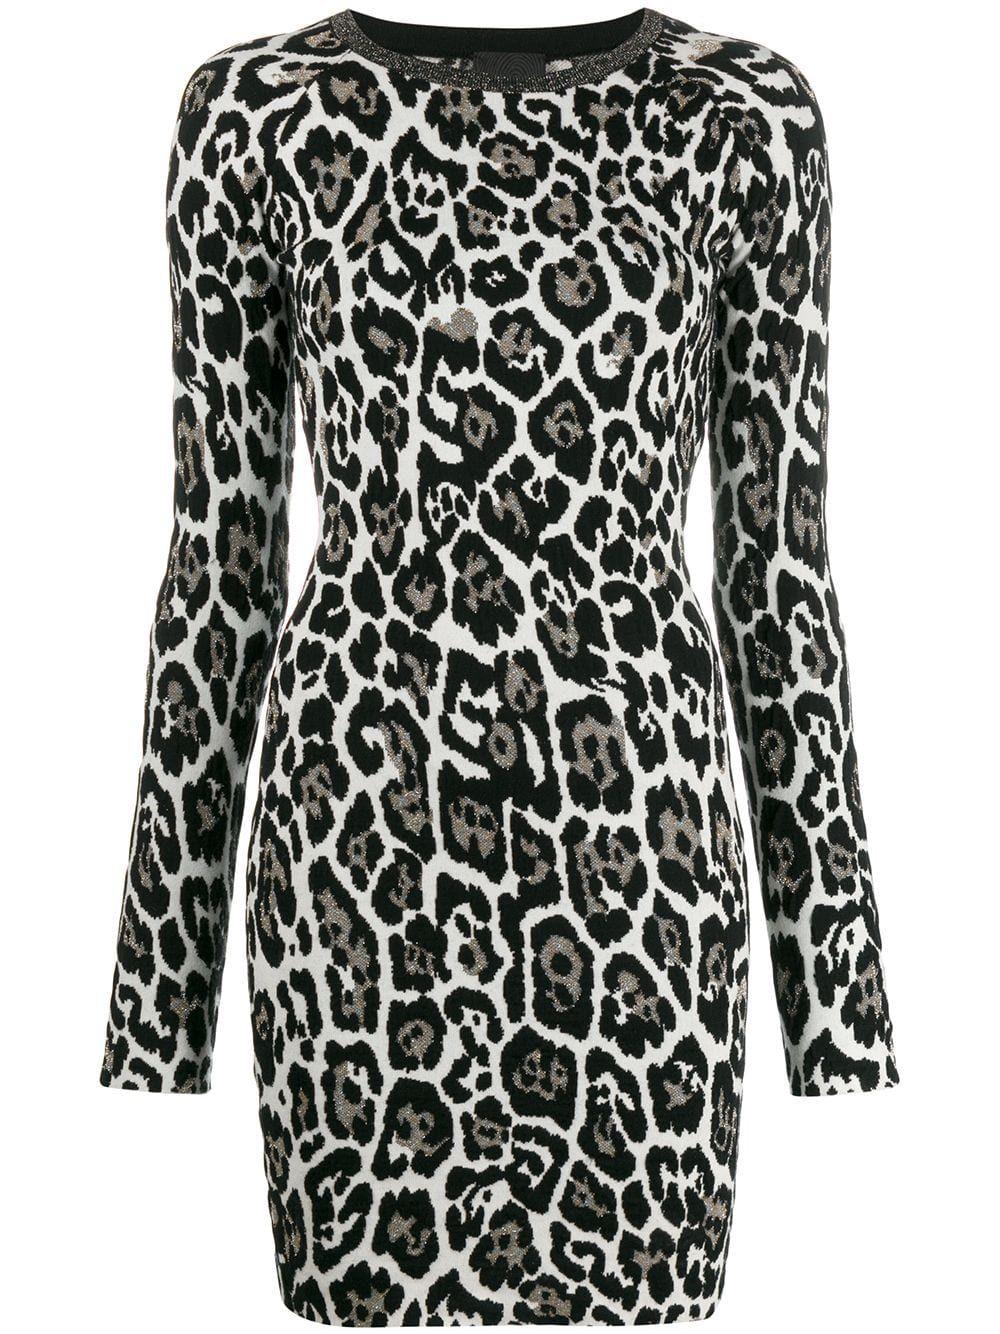 Just Cavalli Leopard Print Dress Farfetch Print Dress Leopard Print Dress Dresses [ 1334 x 1000 Pixel ]